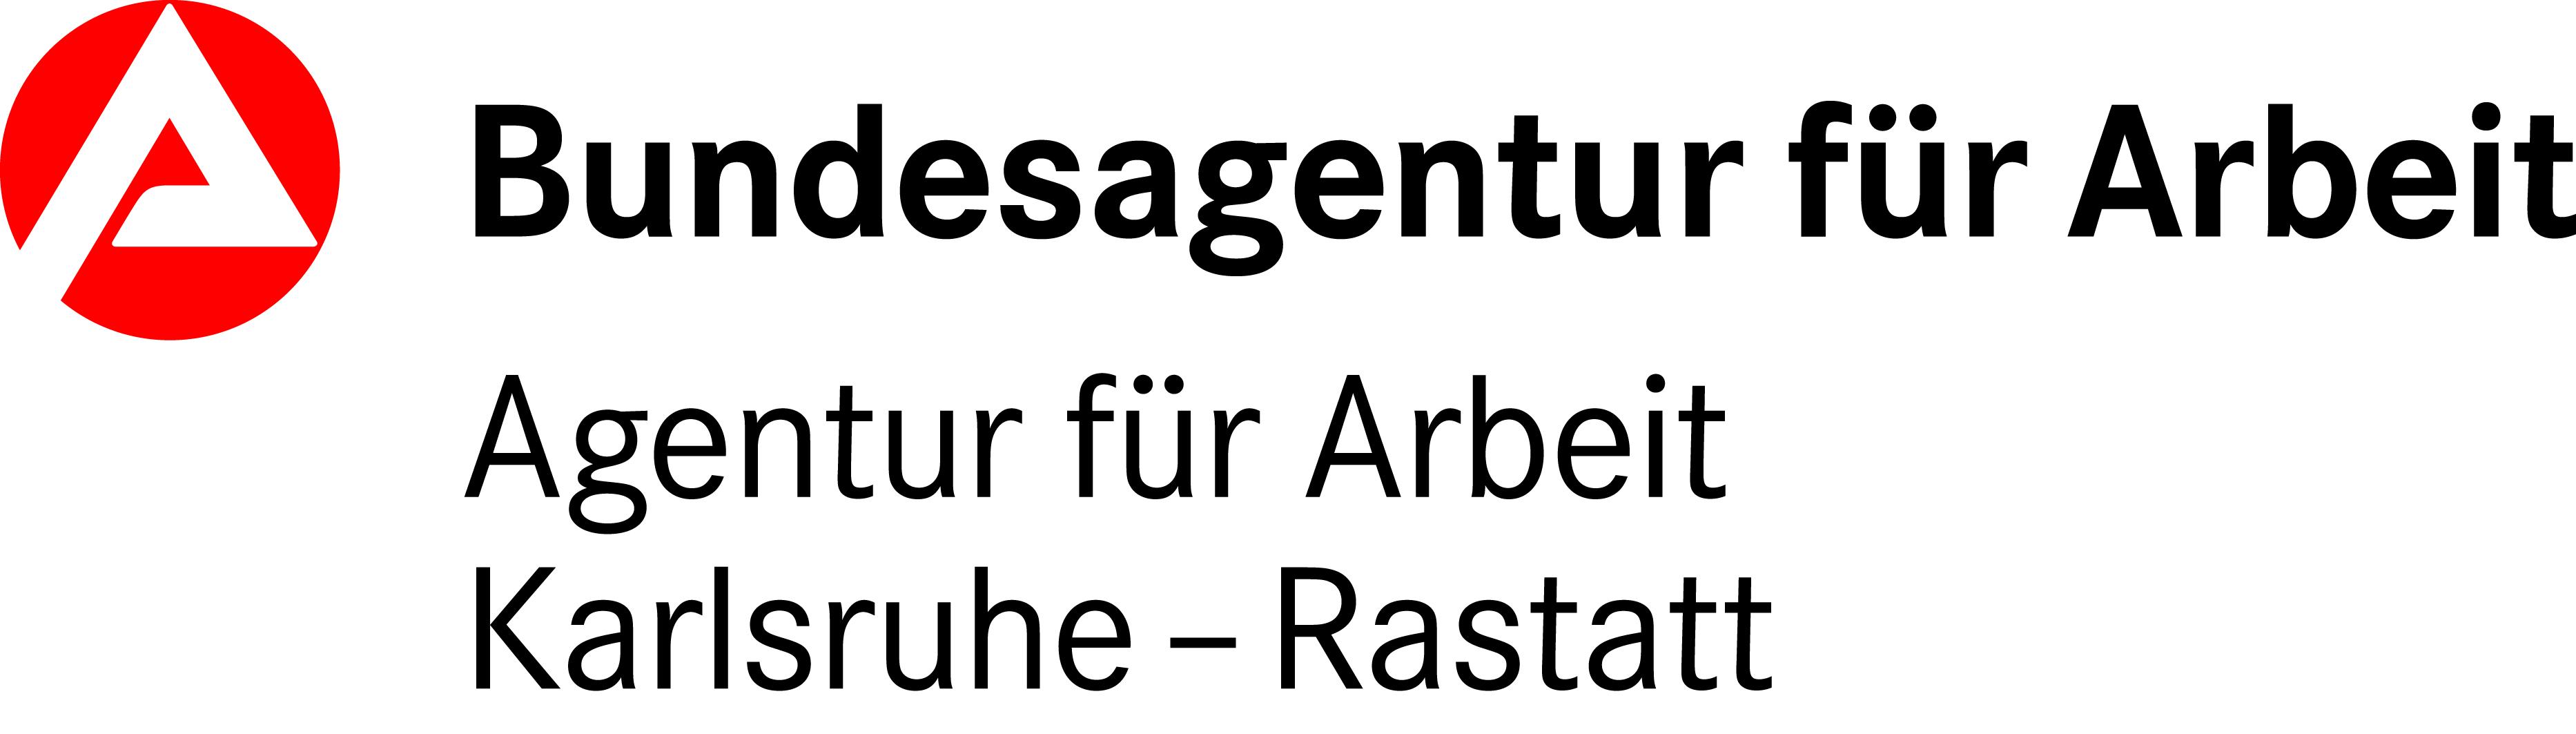 Jobbörse Arbeitsagentur Karlsruhe